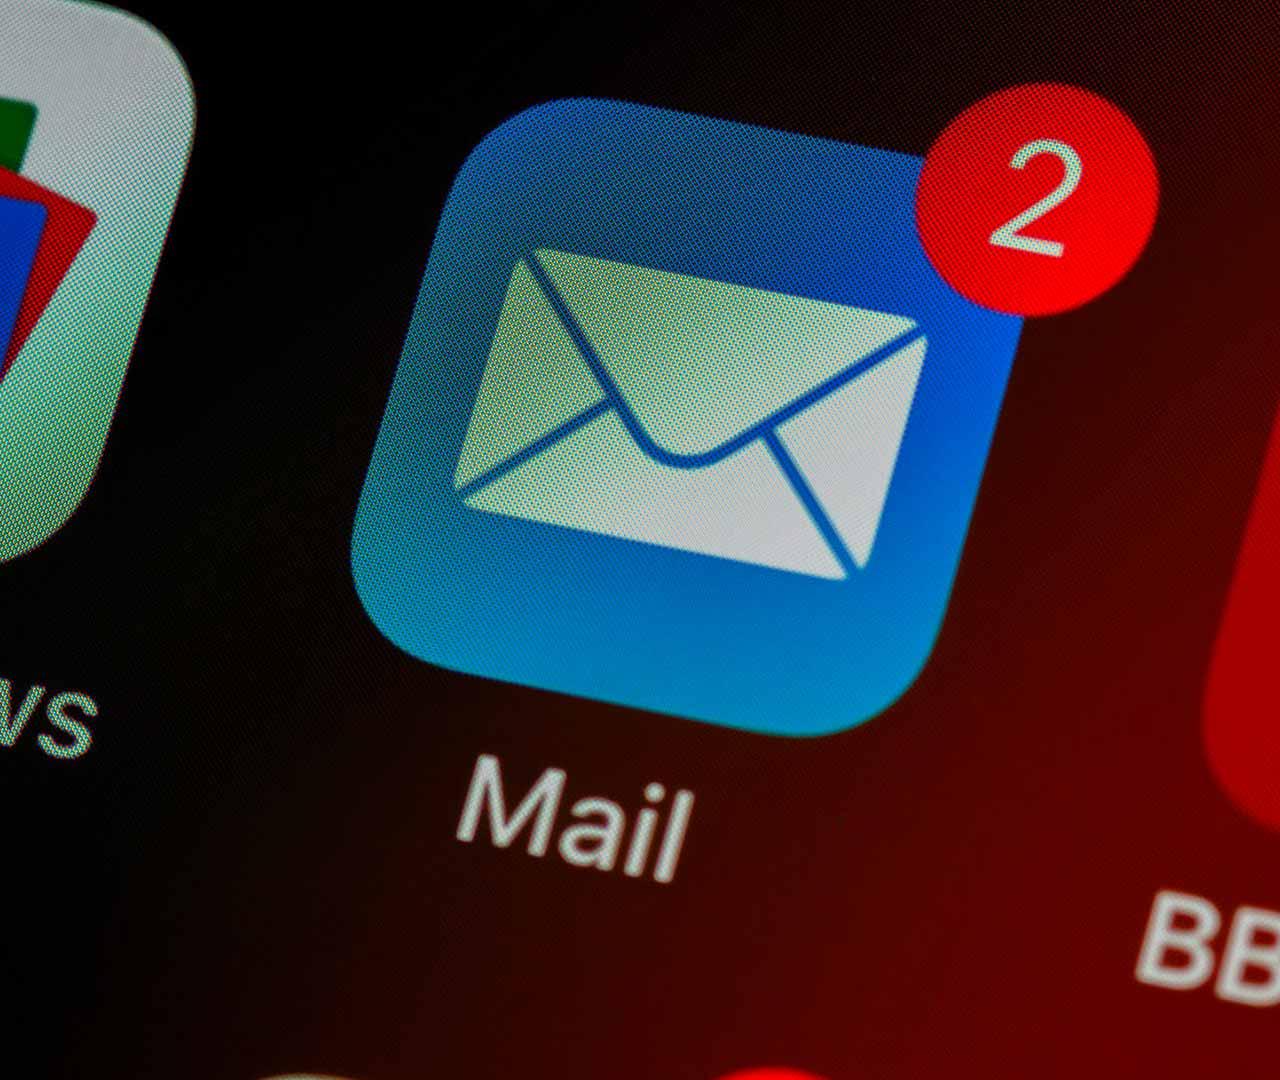 L'icône de Mail sur un iPhone ou un iPad